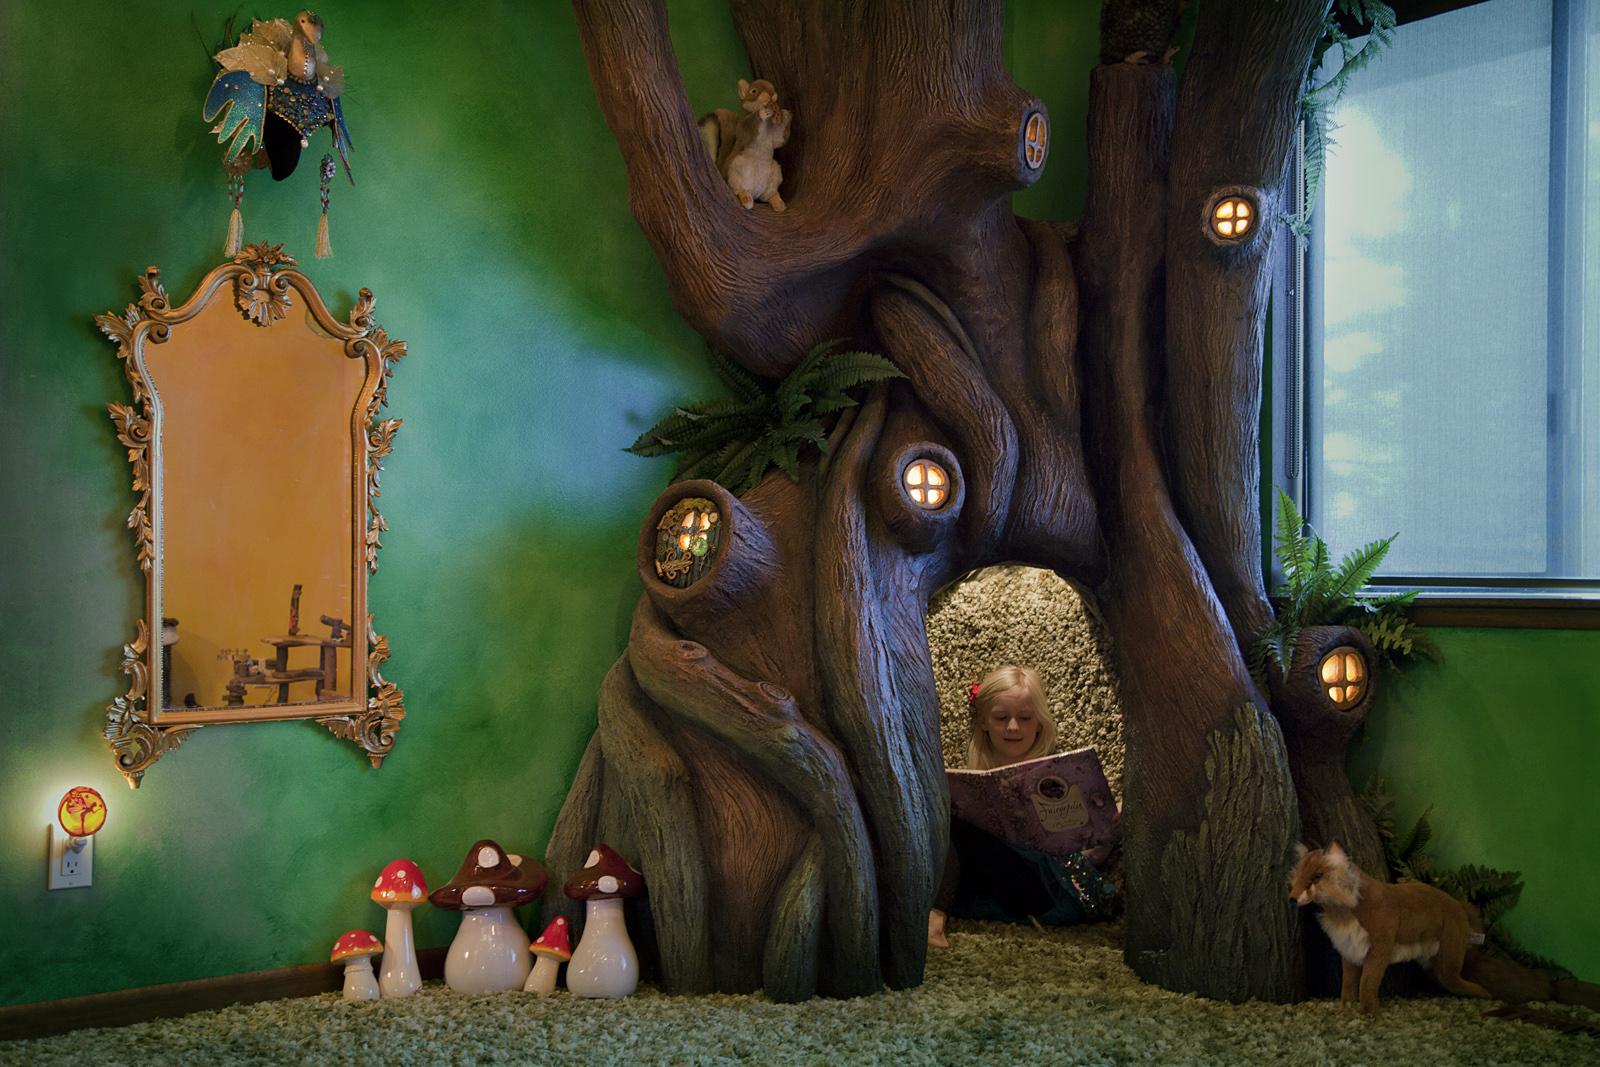 Árbol en la habitación de niños